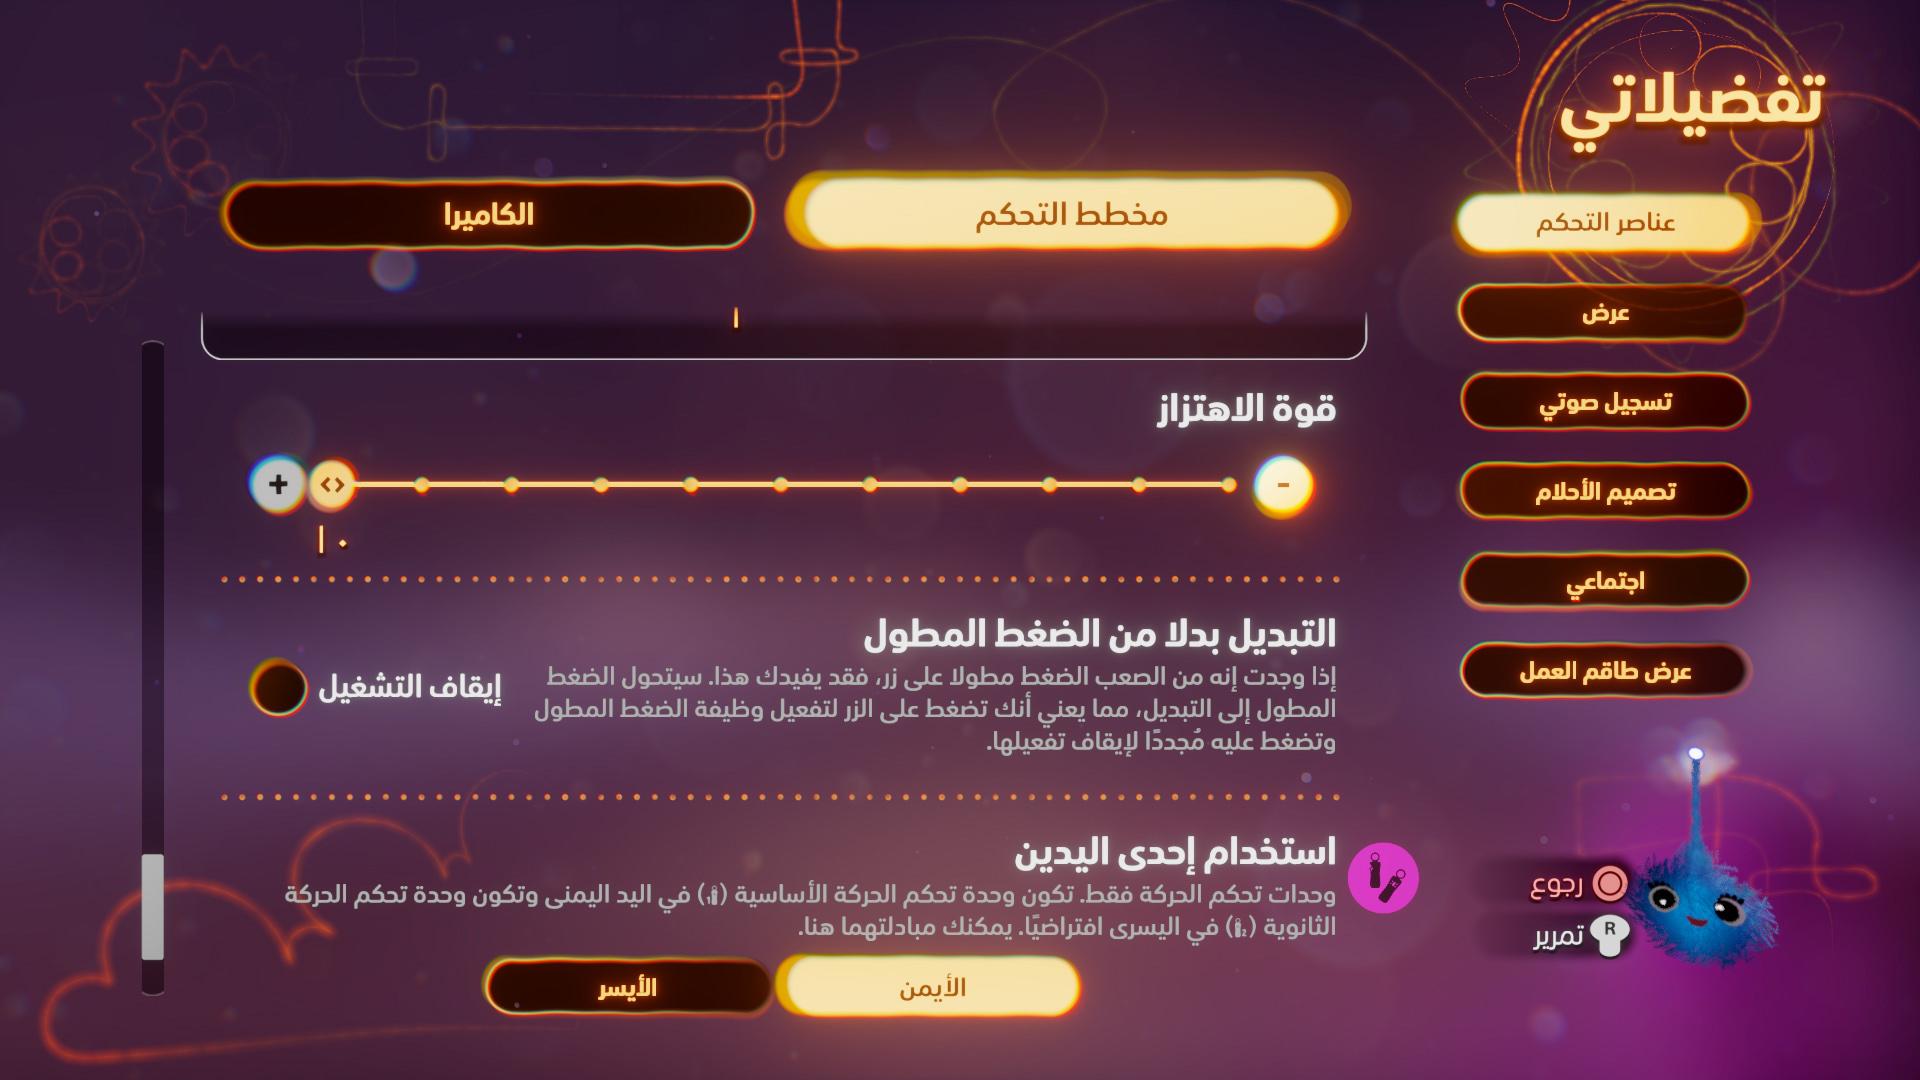 لقطة شاشة تُظهر خيار التبديل في قائمة التفضيلات